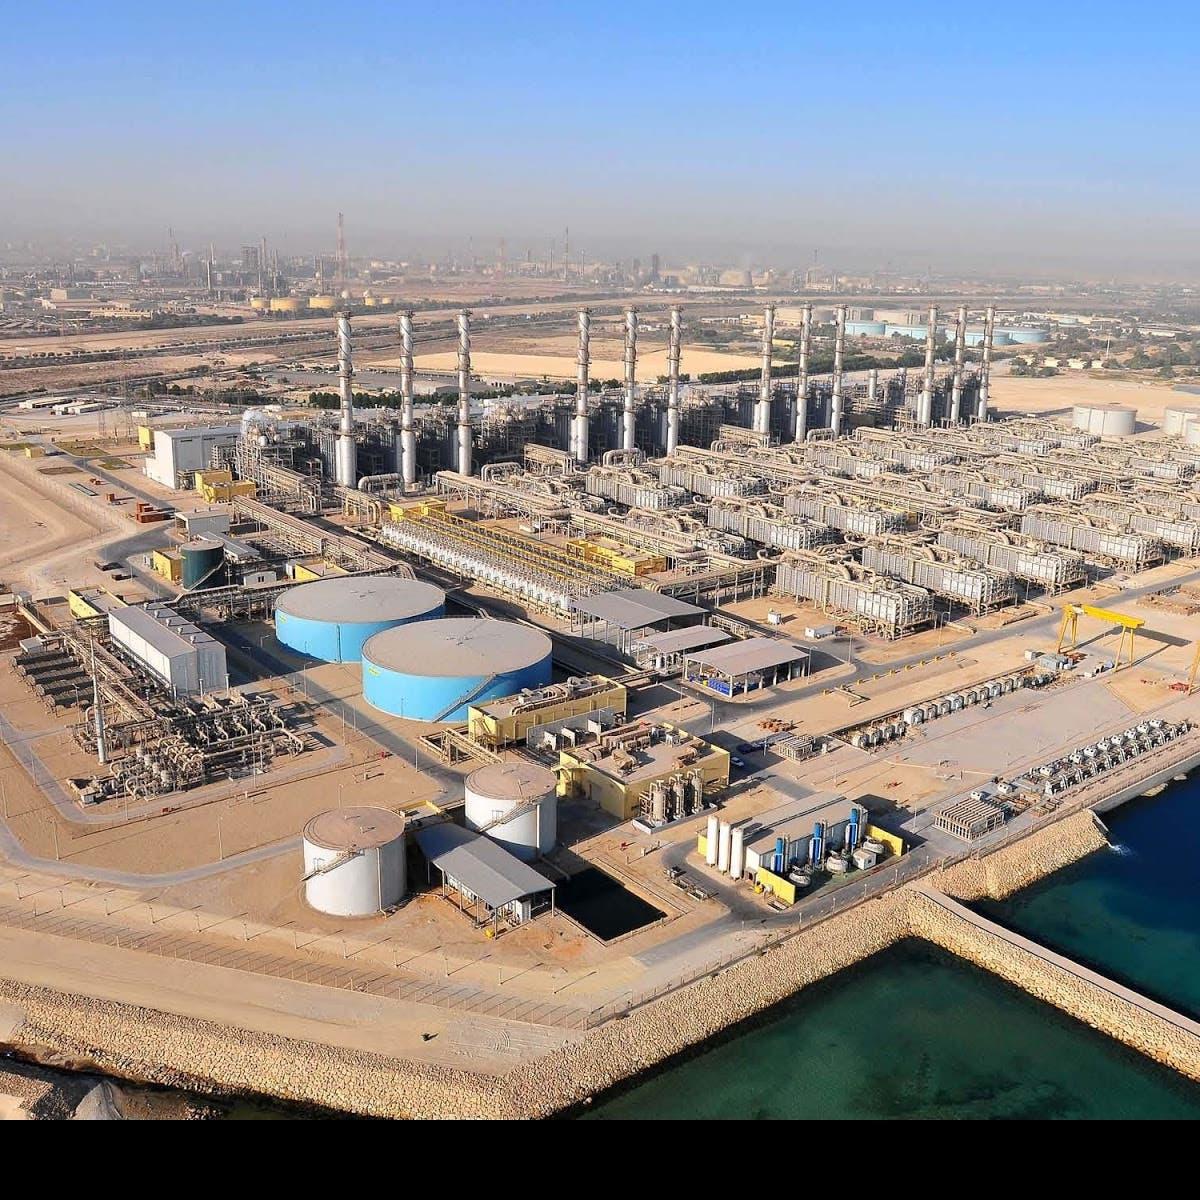 توقيع اتفاقيات استثمارية بأكثر من 1.9 مليار دولار بمدينة الجبيل الصناعية